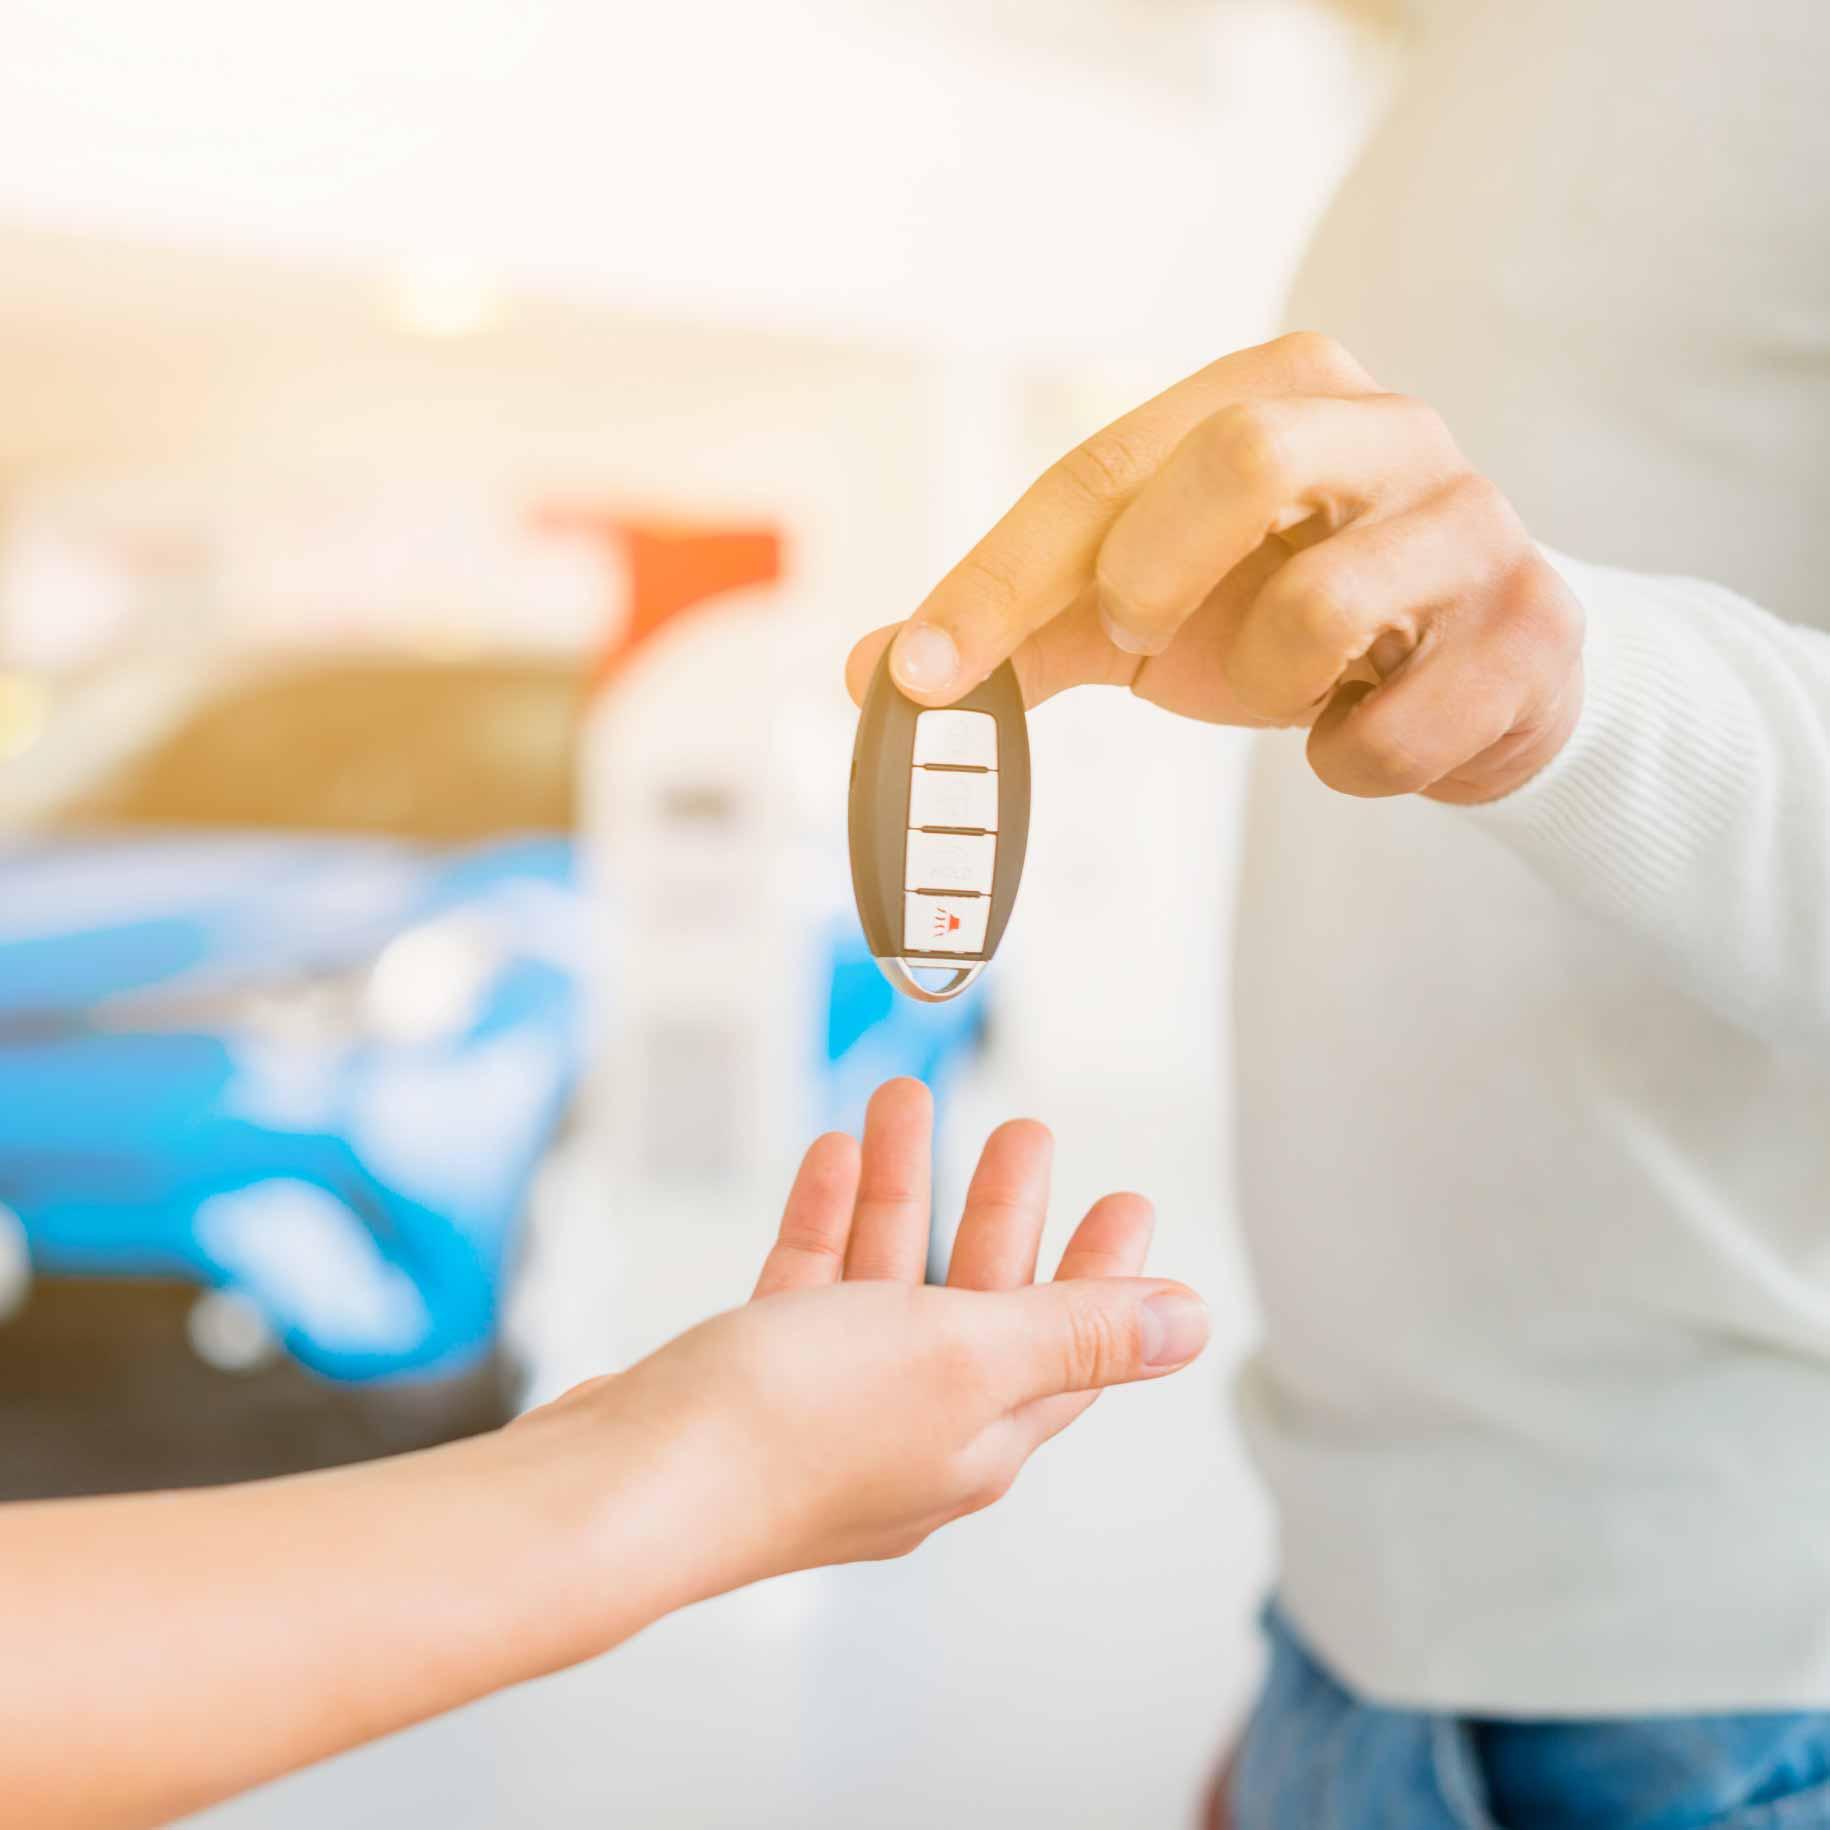 Mau Tukar Tambah Mobil? Pahami Dulu Kekurangan dan Kelebihannya